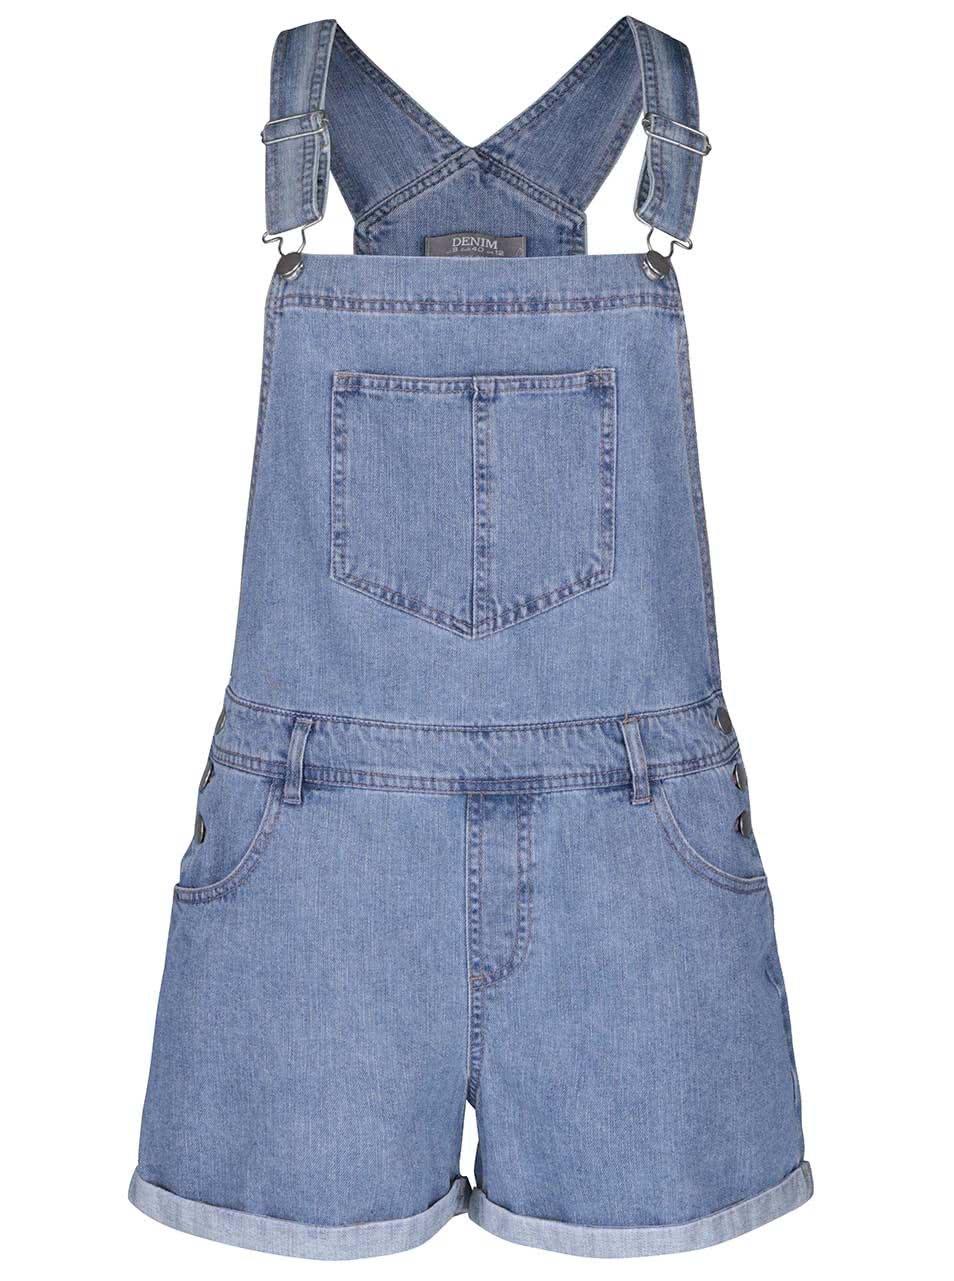 Modré džínové kraťasy s laclem Dorothy Perkins ... 6e0fc5fc19